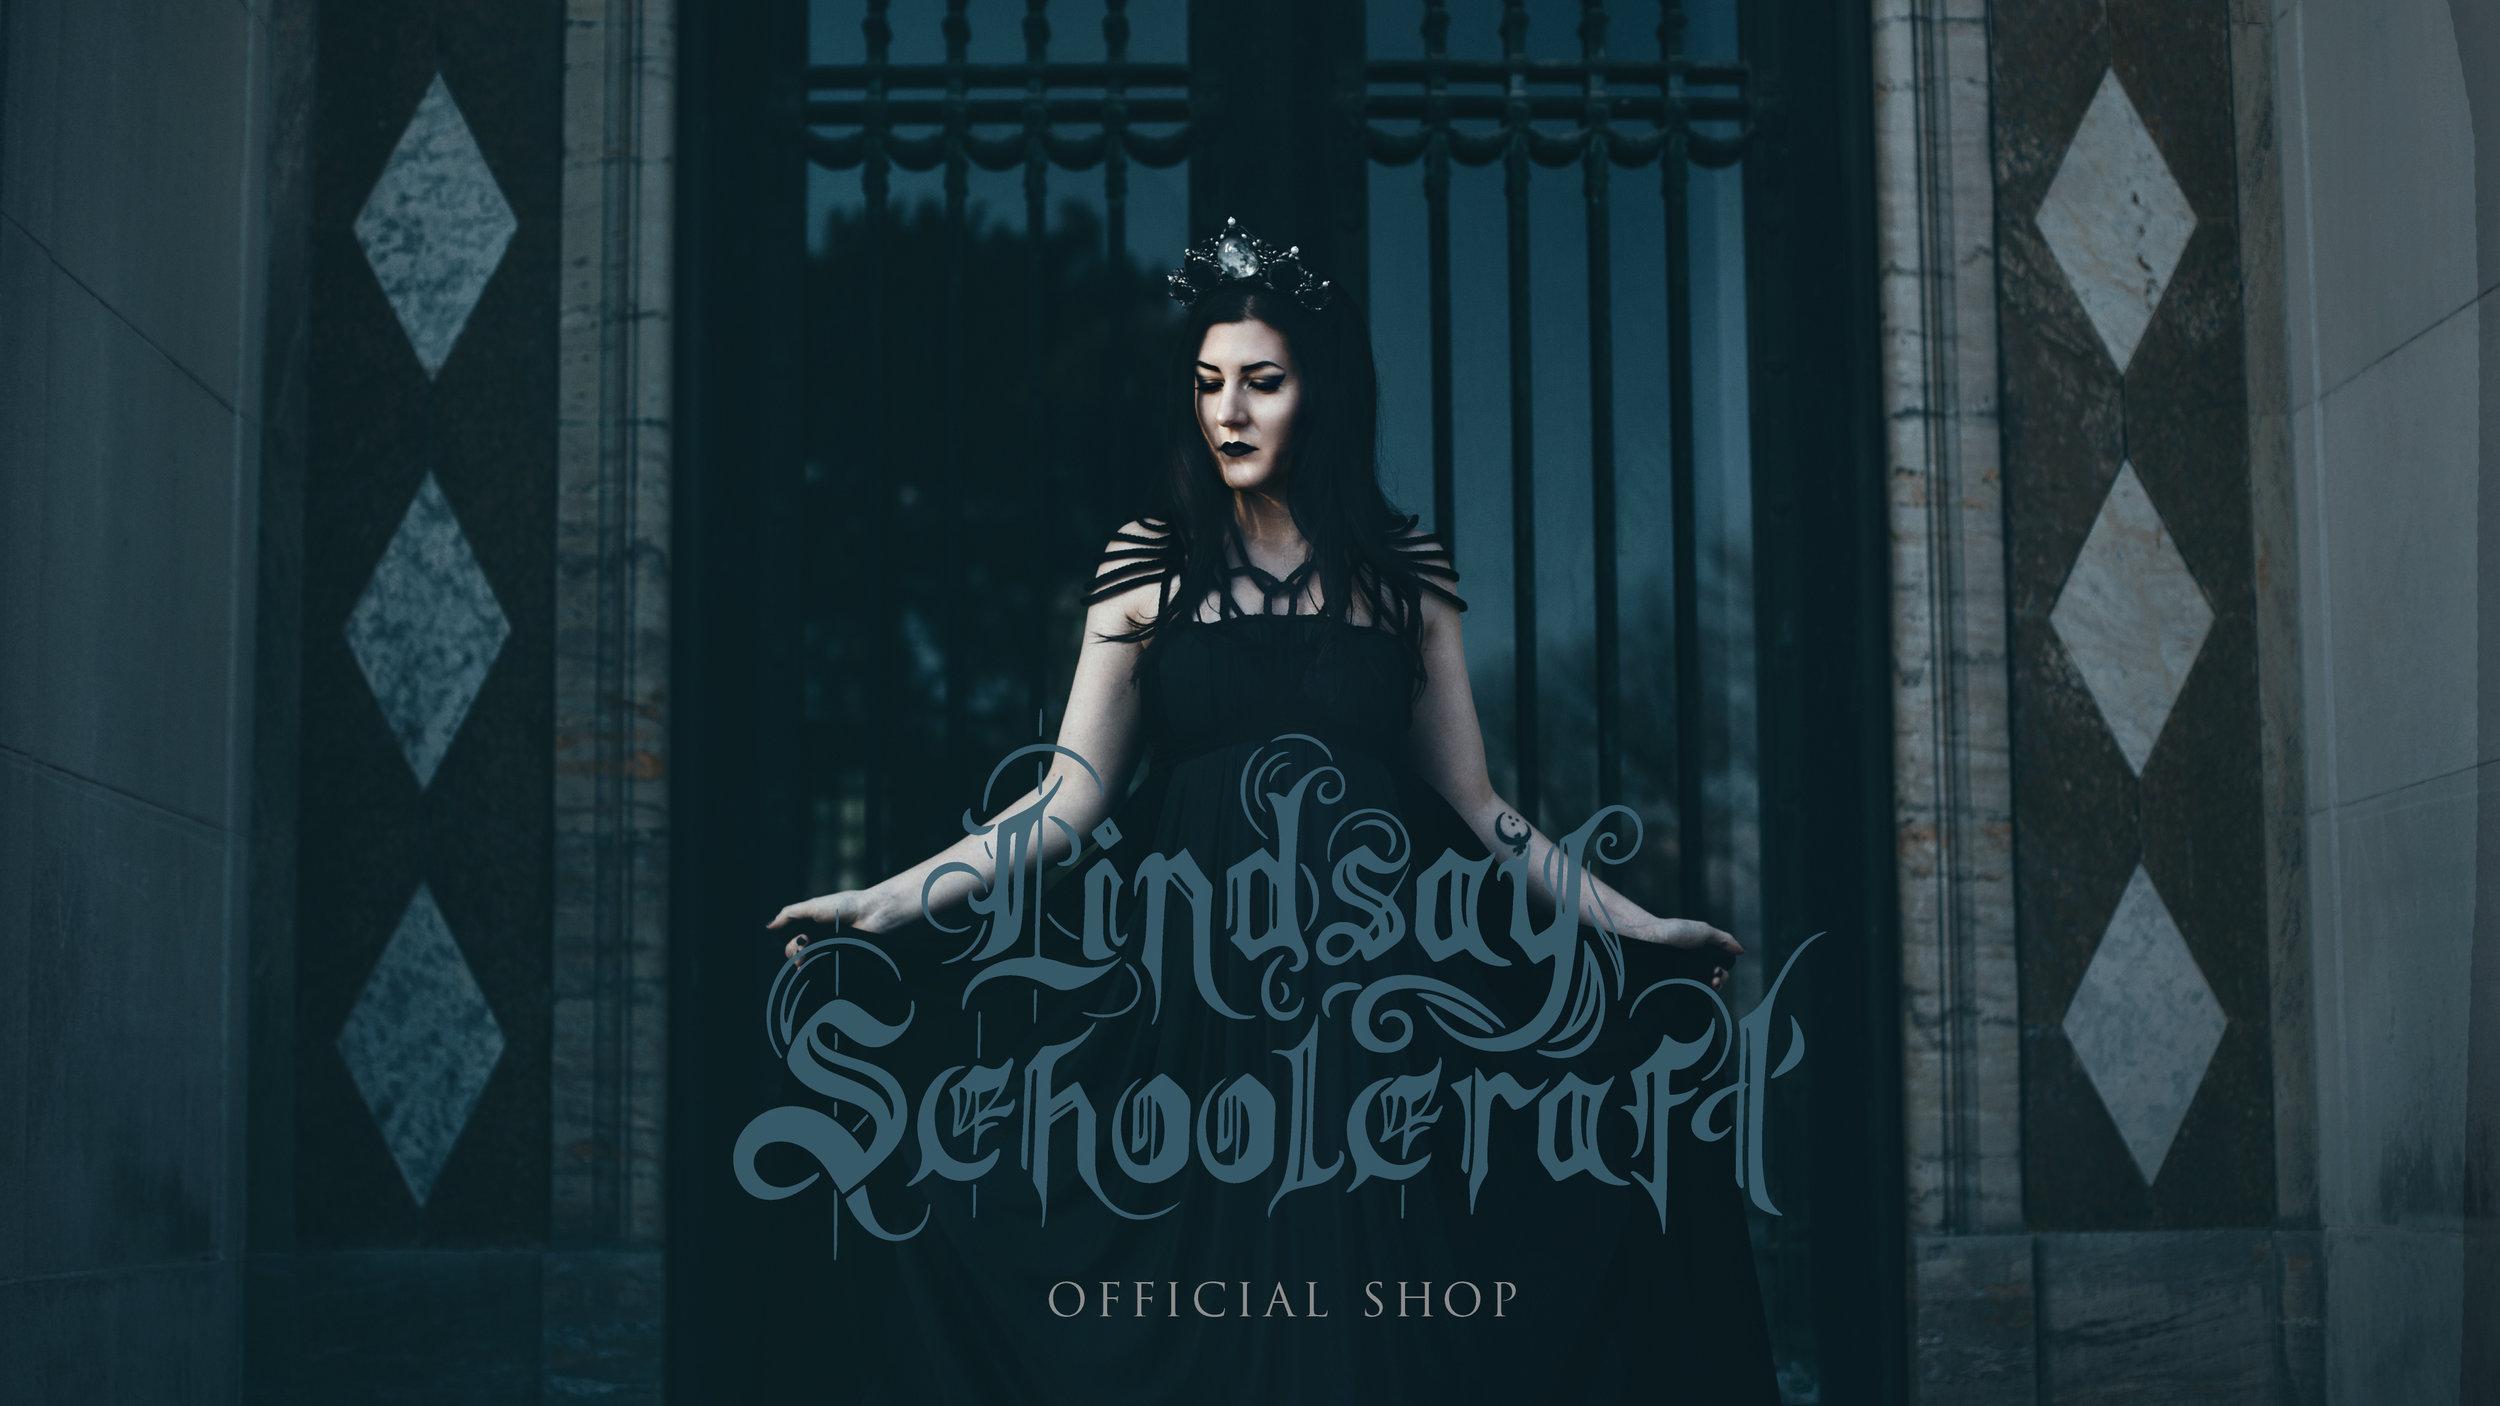 Visit the Schoolcraft Official Shop! -